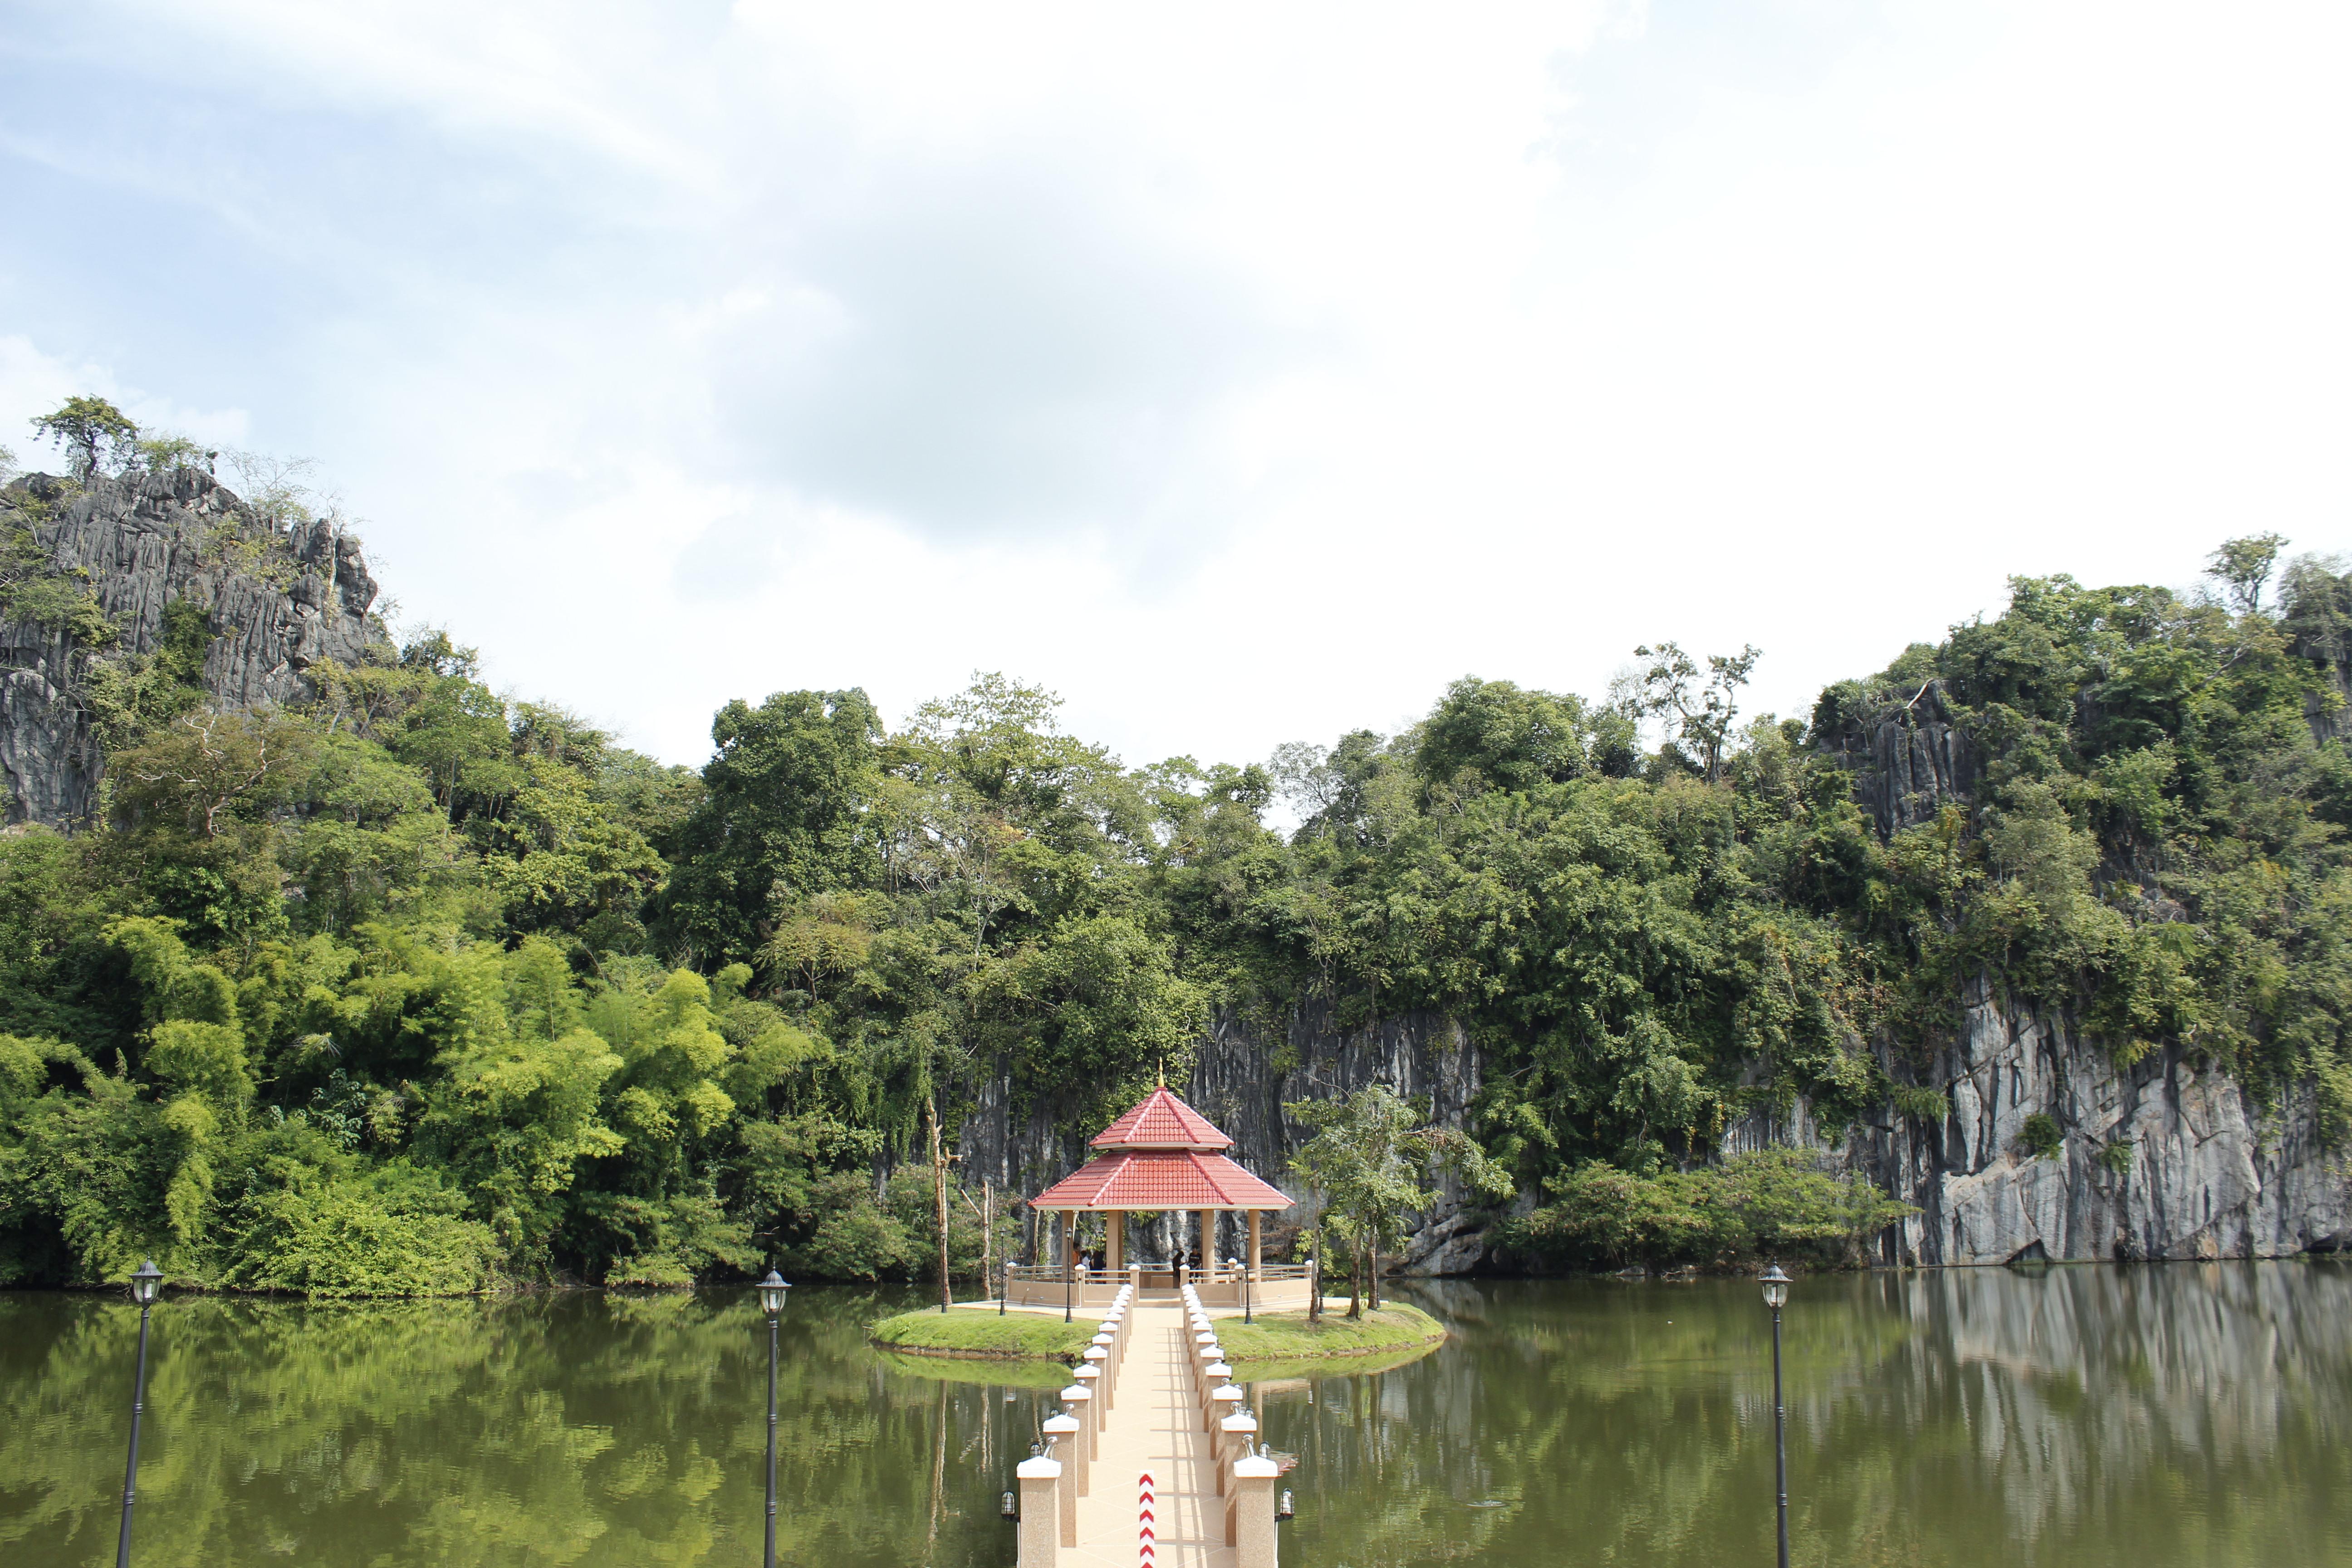 เมื่อไหว้พระเสร็จไปเดินเที่ยวบริเวณรอบๆก็จะเห็นศาลากลางน้ำที่เป็นจุดสนใจน่าถ่ายรูปมาก